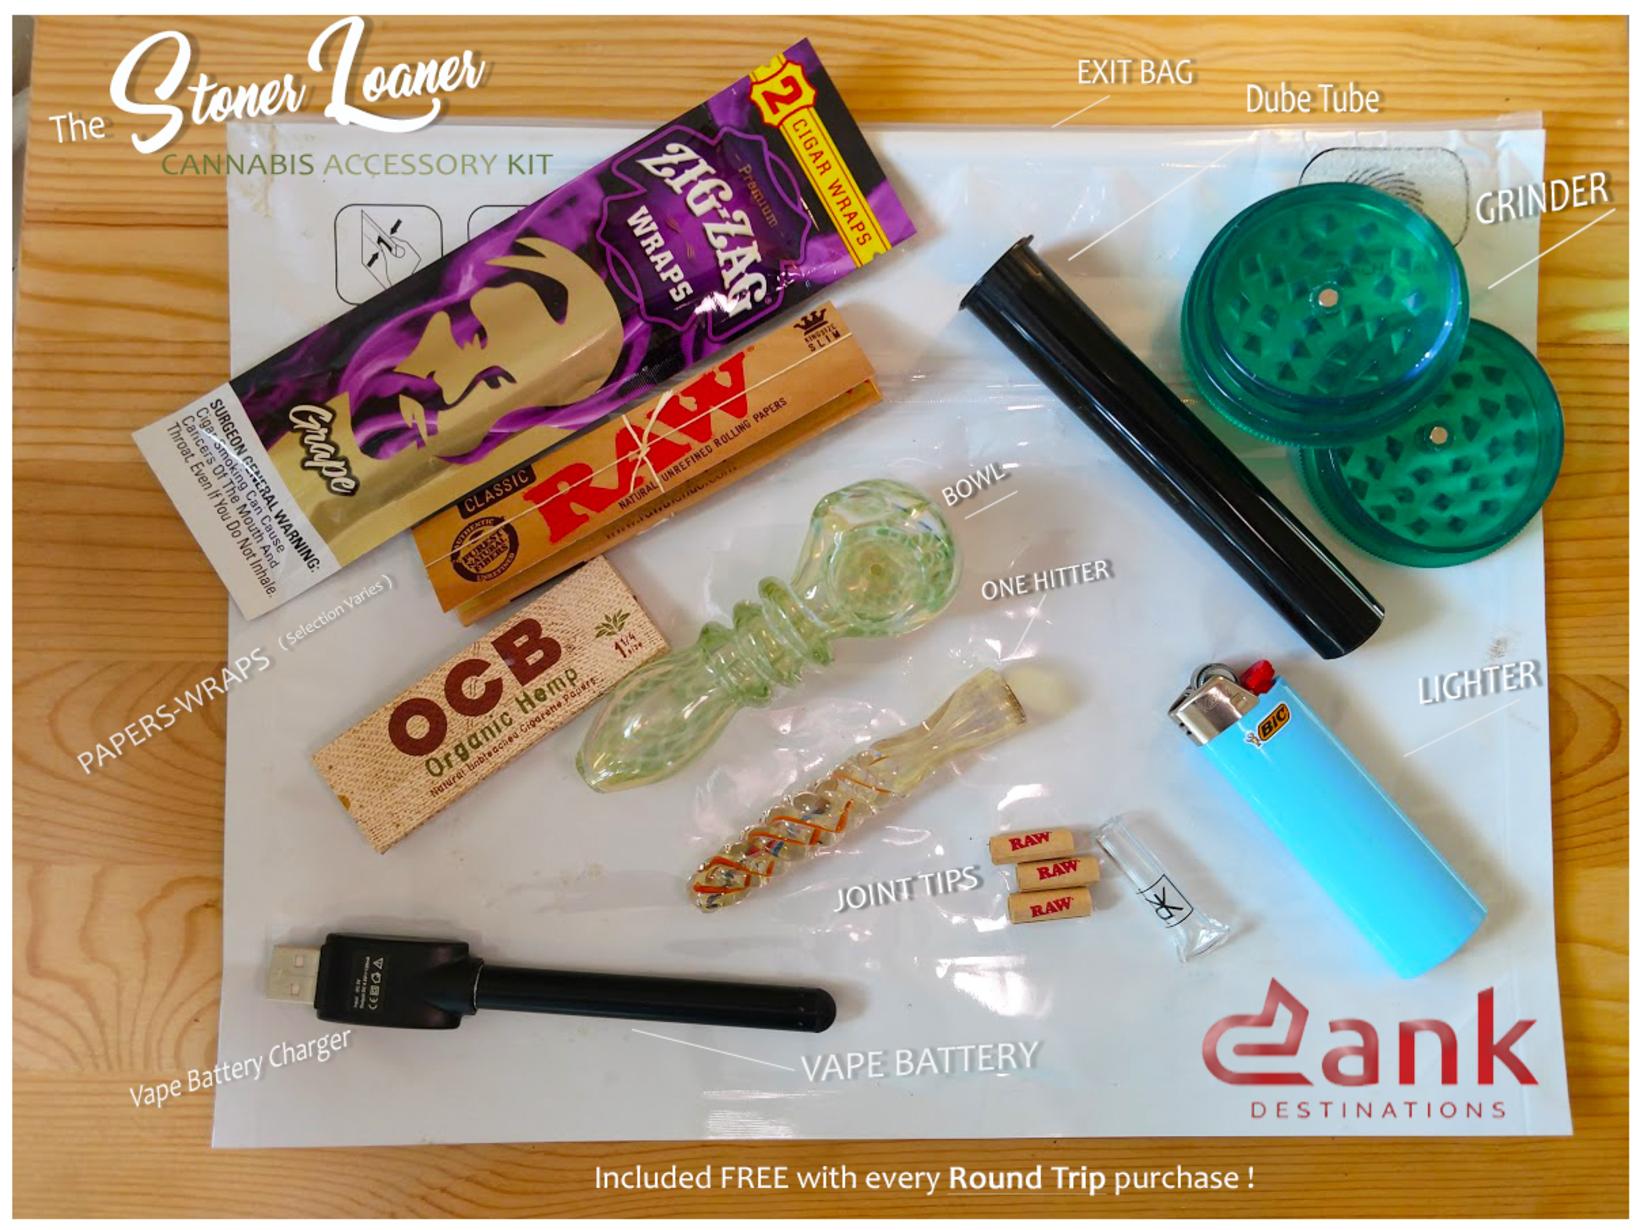 Stoner Loaner Pack